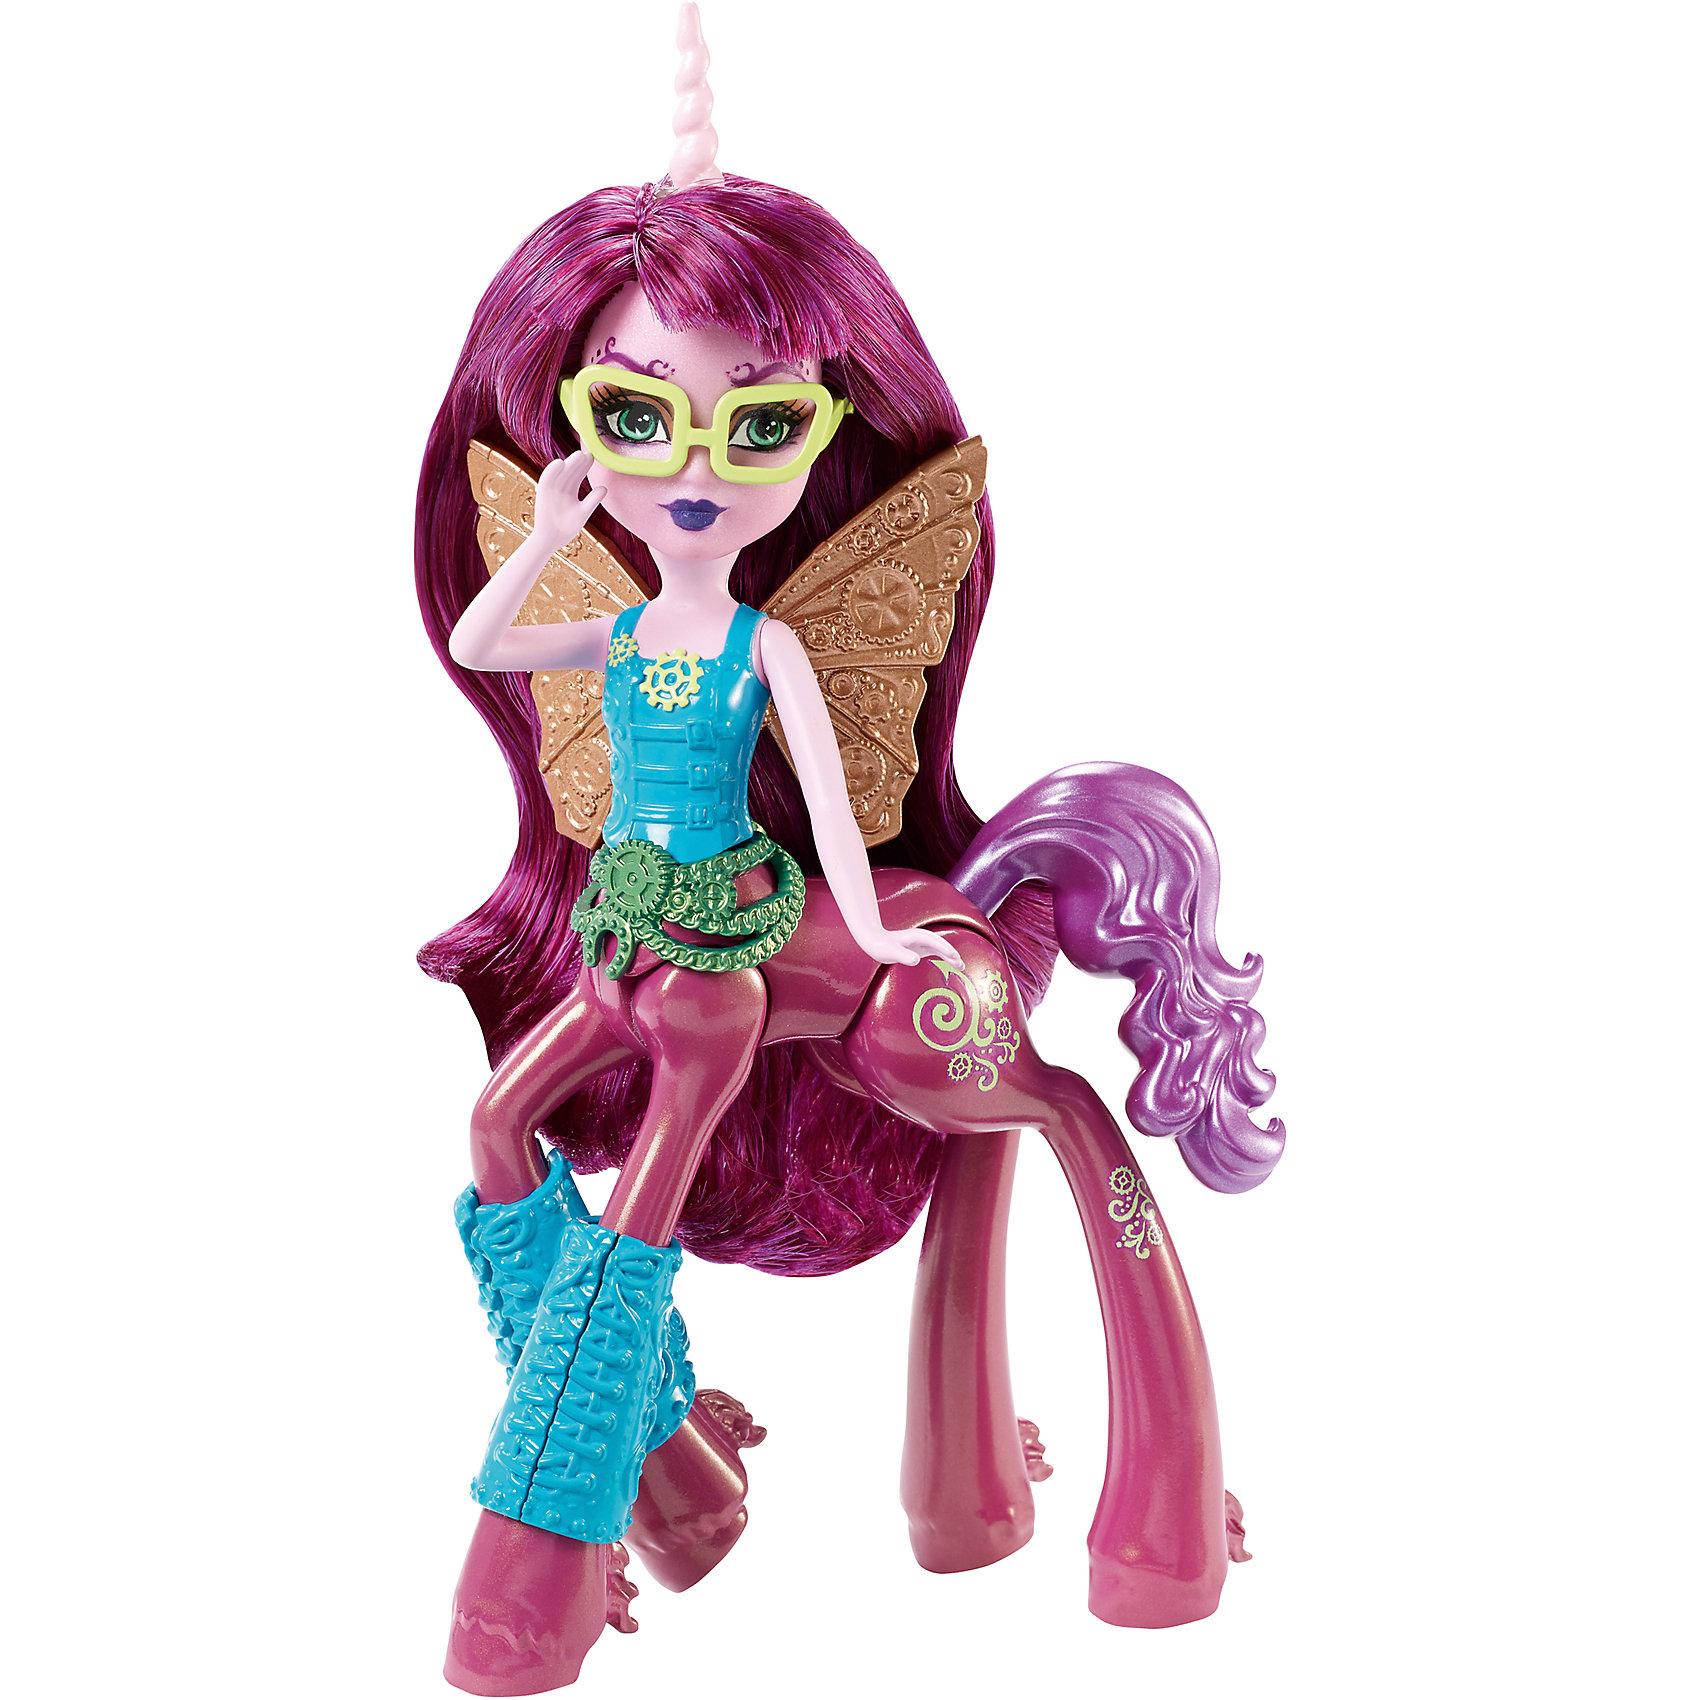 Кукла Пенепола Стимтейл, Fright-Mares, Monster HighПопулярные игрушки<br>Характеристики:<br><br>• Вид игр: сюжетно-ролевые, для коллекционирования<br>• Пол: для девочки<br>• Серия: Мини-кентавры (Monster High Fright-Mares Fawtine Fallowhart Doll)<br>• Материал: пластик, полимер<br>• Цвет: розовый, голубой, золотистый, зеленый<br>• Высота куклы: 14,5 см<br>• Подвижные части тела<br>• Наличие украшение для ног, пояс, очки, крылышки<br>• Тип упаковки: картонная коробка<br>• Размеры упаковки (Д*Ш*В): 21*17*6 см<br>• Вес: 155 г<br><br>Кукла Пенепола Стимтейл, Fright-Mares, Monster High – это мини-кукла новой серии от Mattel, которые предстают в новом образе – наполовину кентавров и наполовину монстров. У каждой мини-куклы свой уникальный стиль и внешний вид.  Фаунтин Фэллоухарт – это бабочка-единорог с длинными ярко-розовыми волосами с челкой. На спине мини-куклы имеются ажурные золотистые крылья. Одета она в голубой топ, на талии – пояс с круглой пряжкой, на передних ногах – украшение с имитацией шнуровки. На голове у Пенеполы –  белый витой рог. Все элементы куклы выполнены из безопасного и нетоксичного пластика и полимера, в туловище имеется шарнир, который позволяет поворачивать корпус куклы в разные сторона. Голова и руки – подвижные. <br><br>Куклу Пенеполу Стимтейл, Fright-Mares, Monster High можно купить в нашем интернет-магазине.<br><br>Ширина мм: 205<br>Глубина мм: 60<br>Высота мм: 165<br>Вес г: 210<br>Возраст от месяцев: 72<br>Возраст до месяцев: 144<br>Пол: Женский<br>Возраст: Детский<br>SKU: 5147887